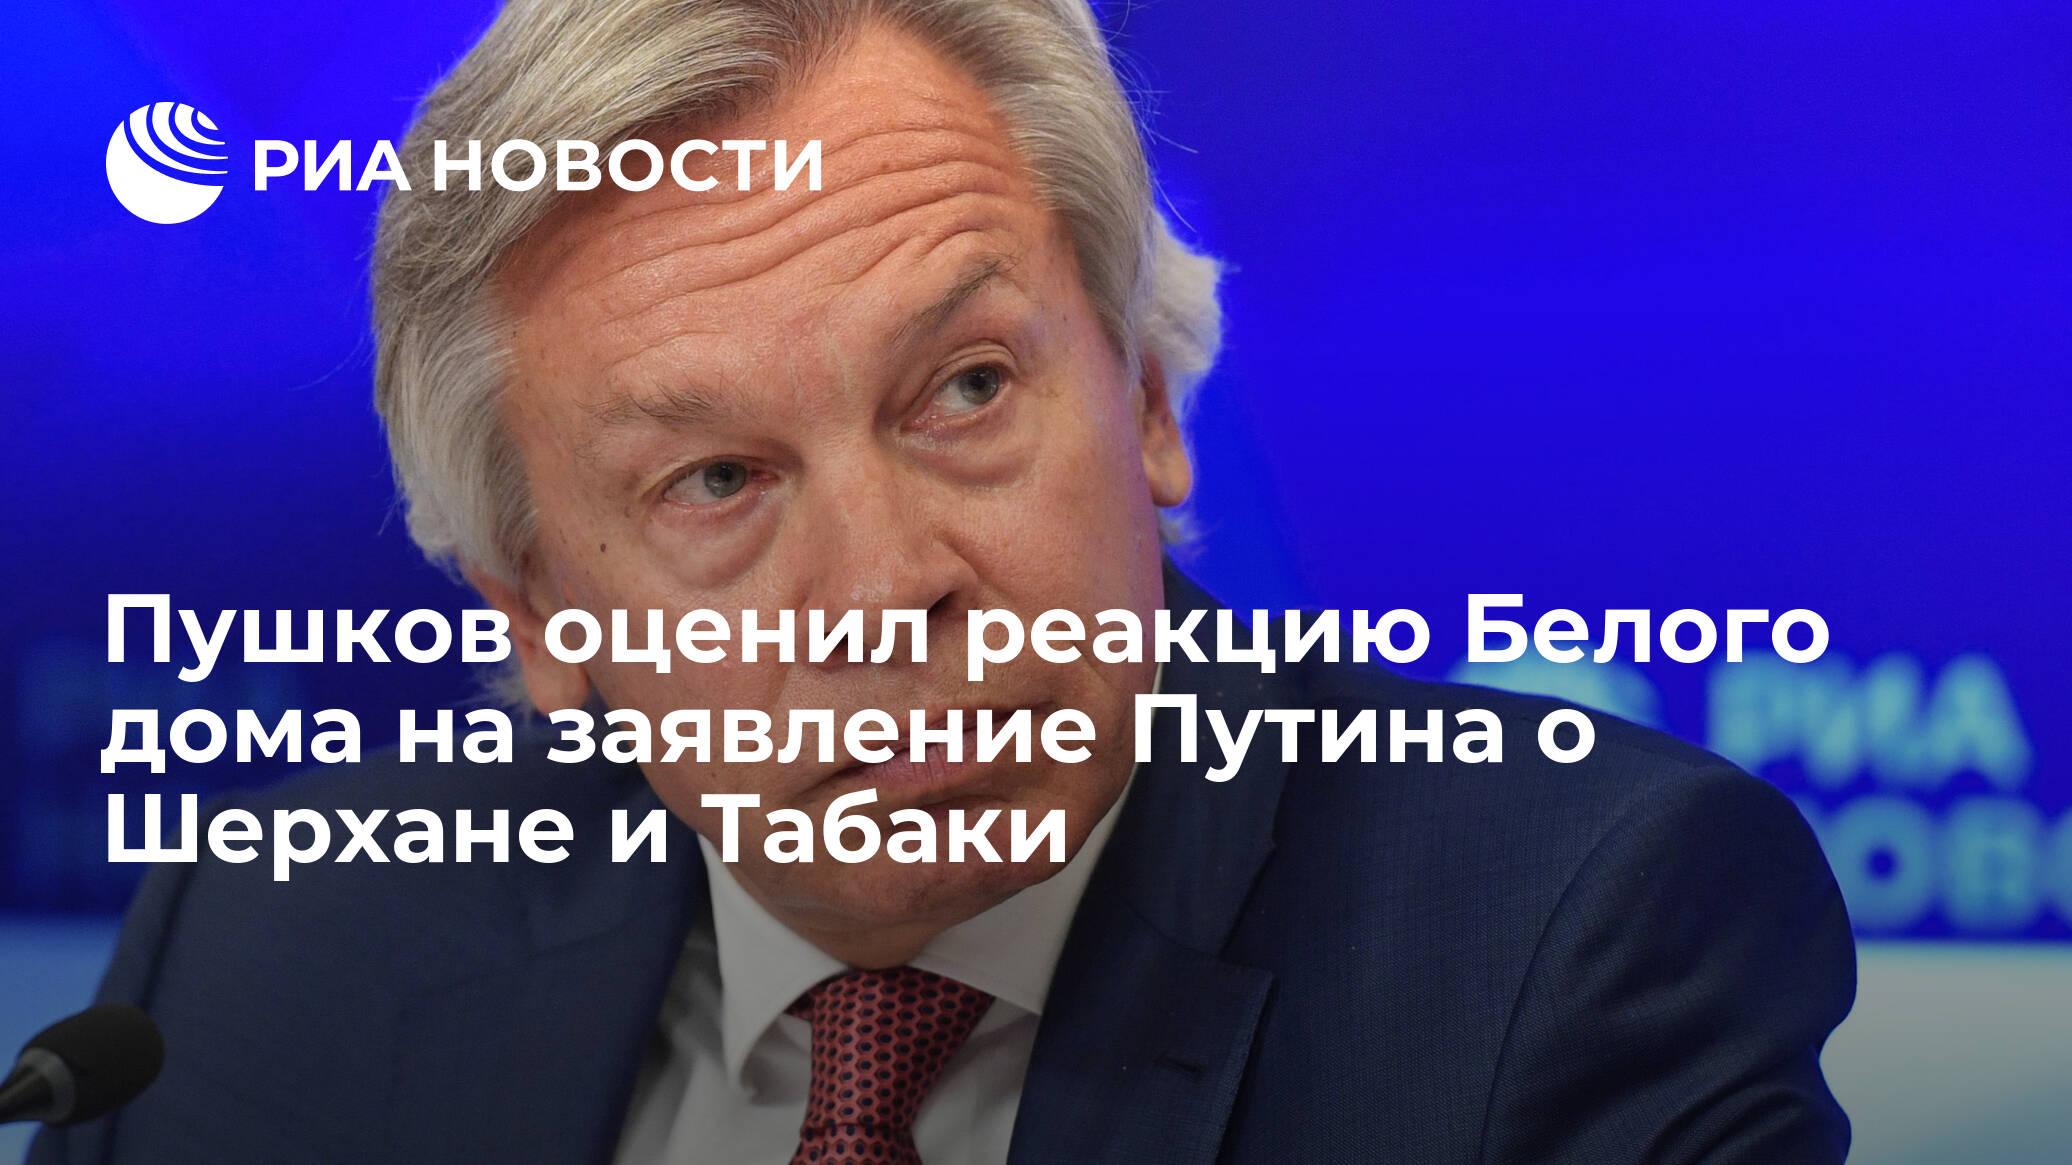 Пушков оценил реакцию Белого дома на заявление Путина о Шерхане и Табаки